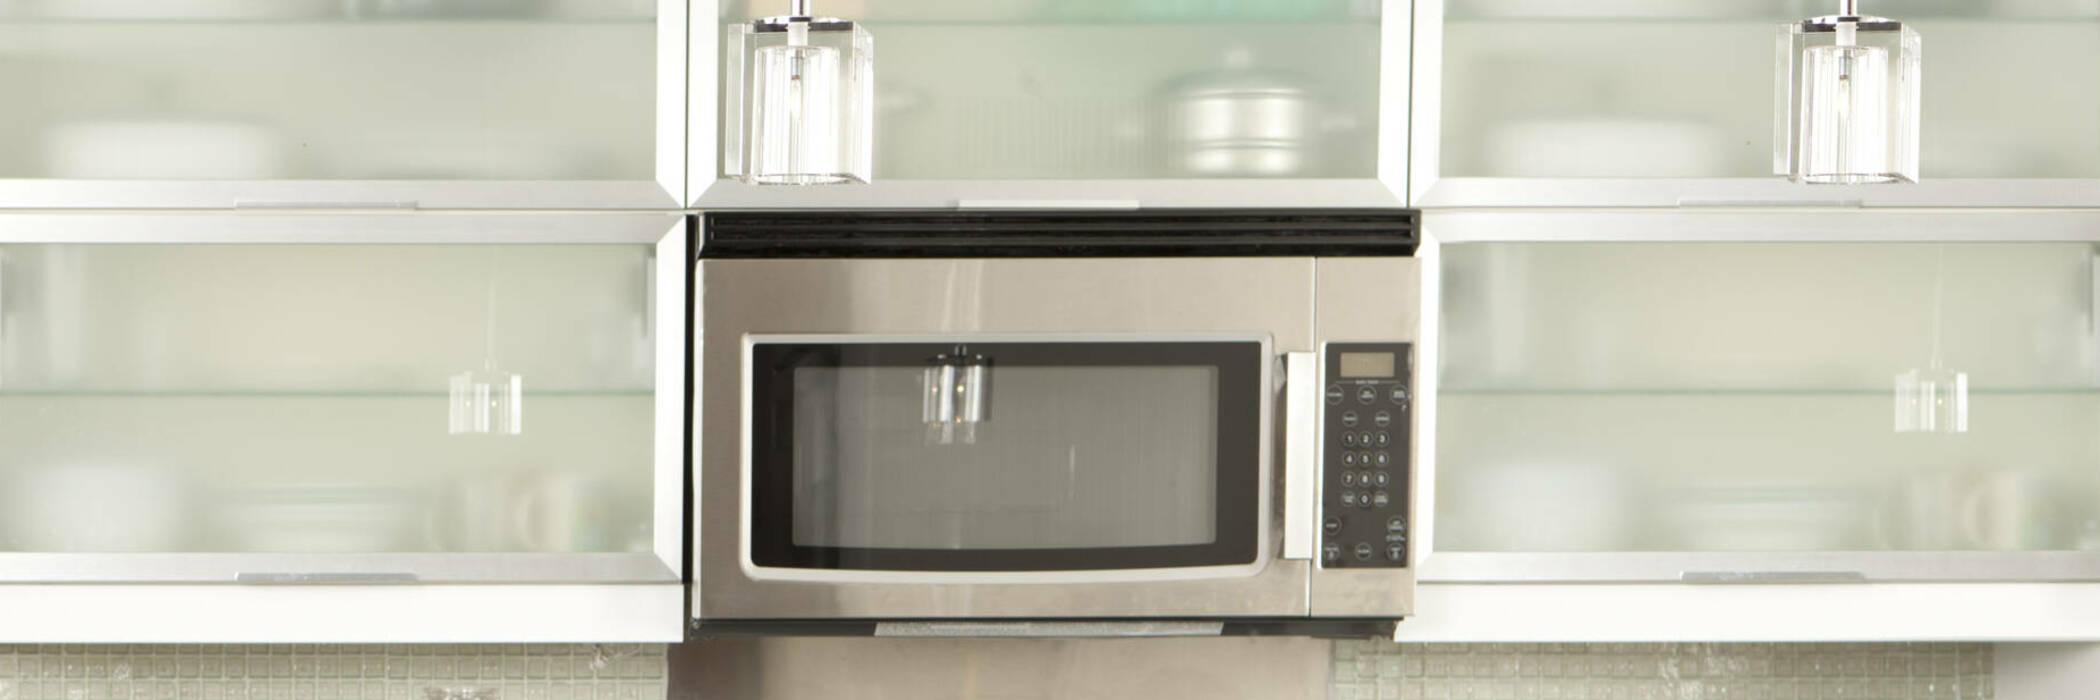 Built-in microwave.